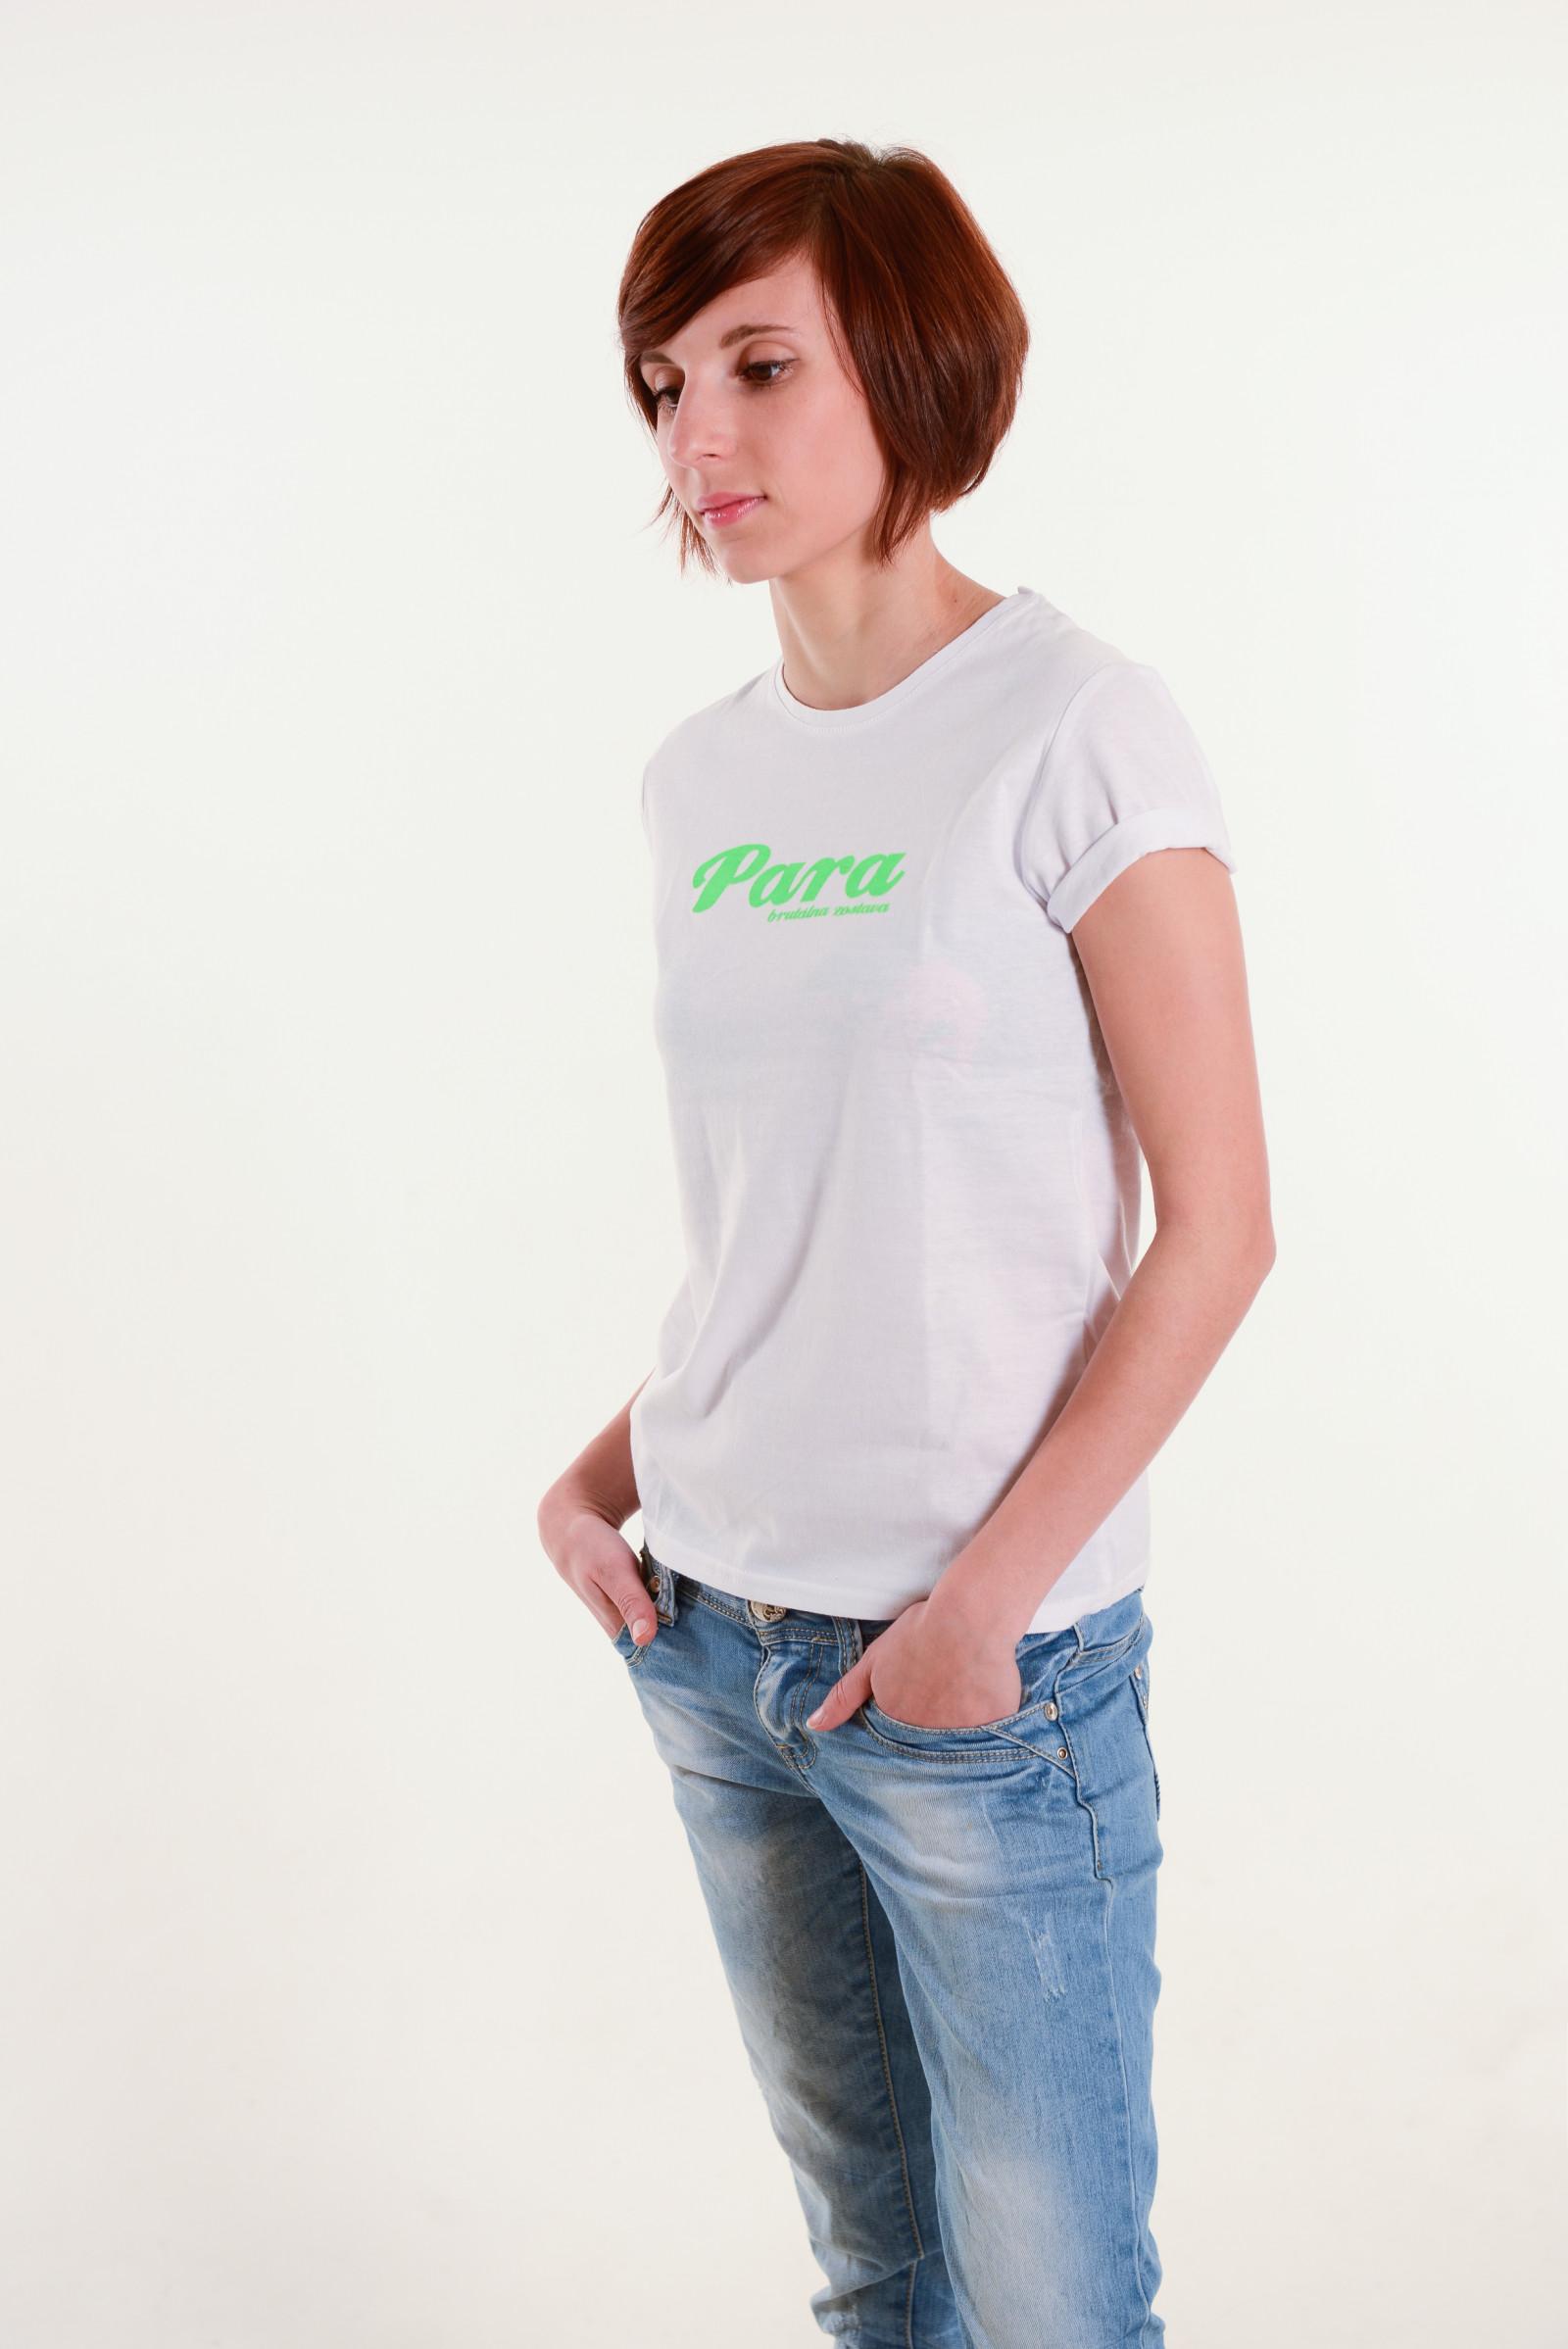 392067e7b4c6d Dámske biele tričko s neónovo zeleným nápisom DSC2903. DSC2903 · DSC2907